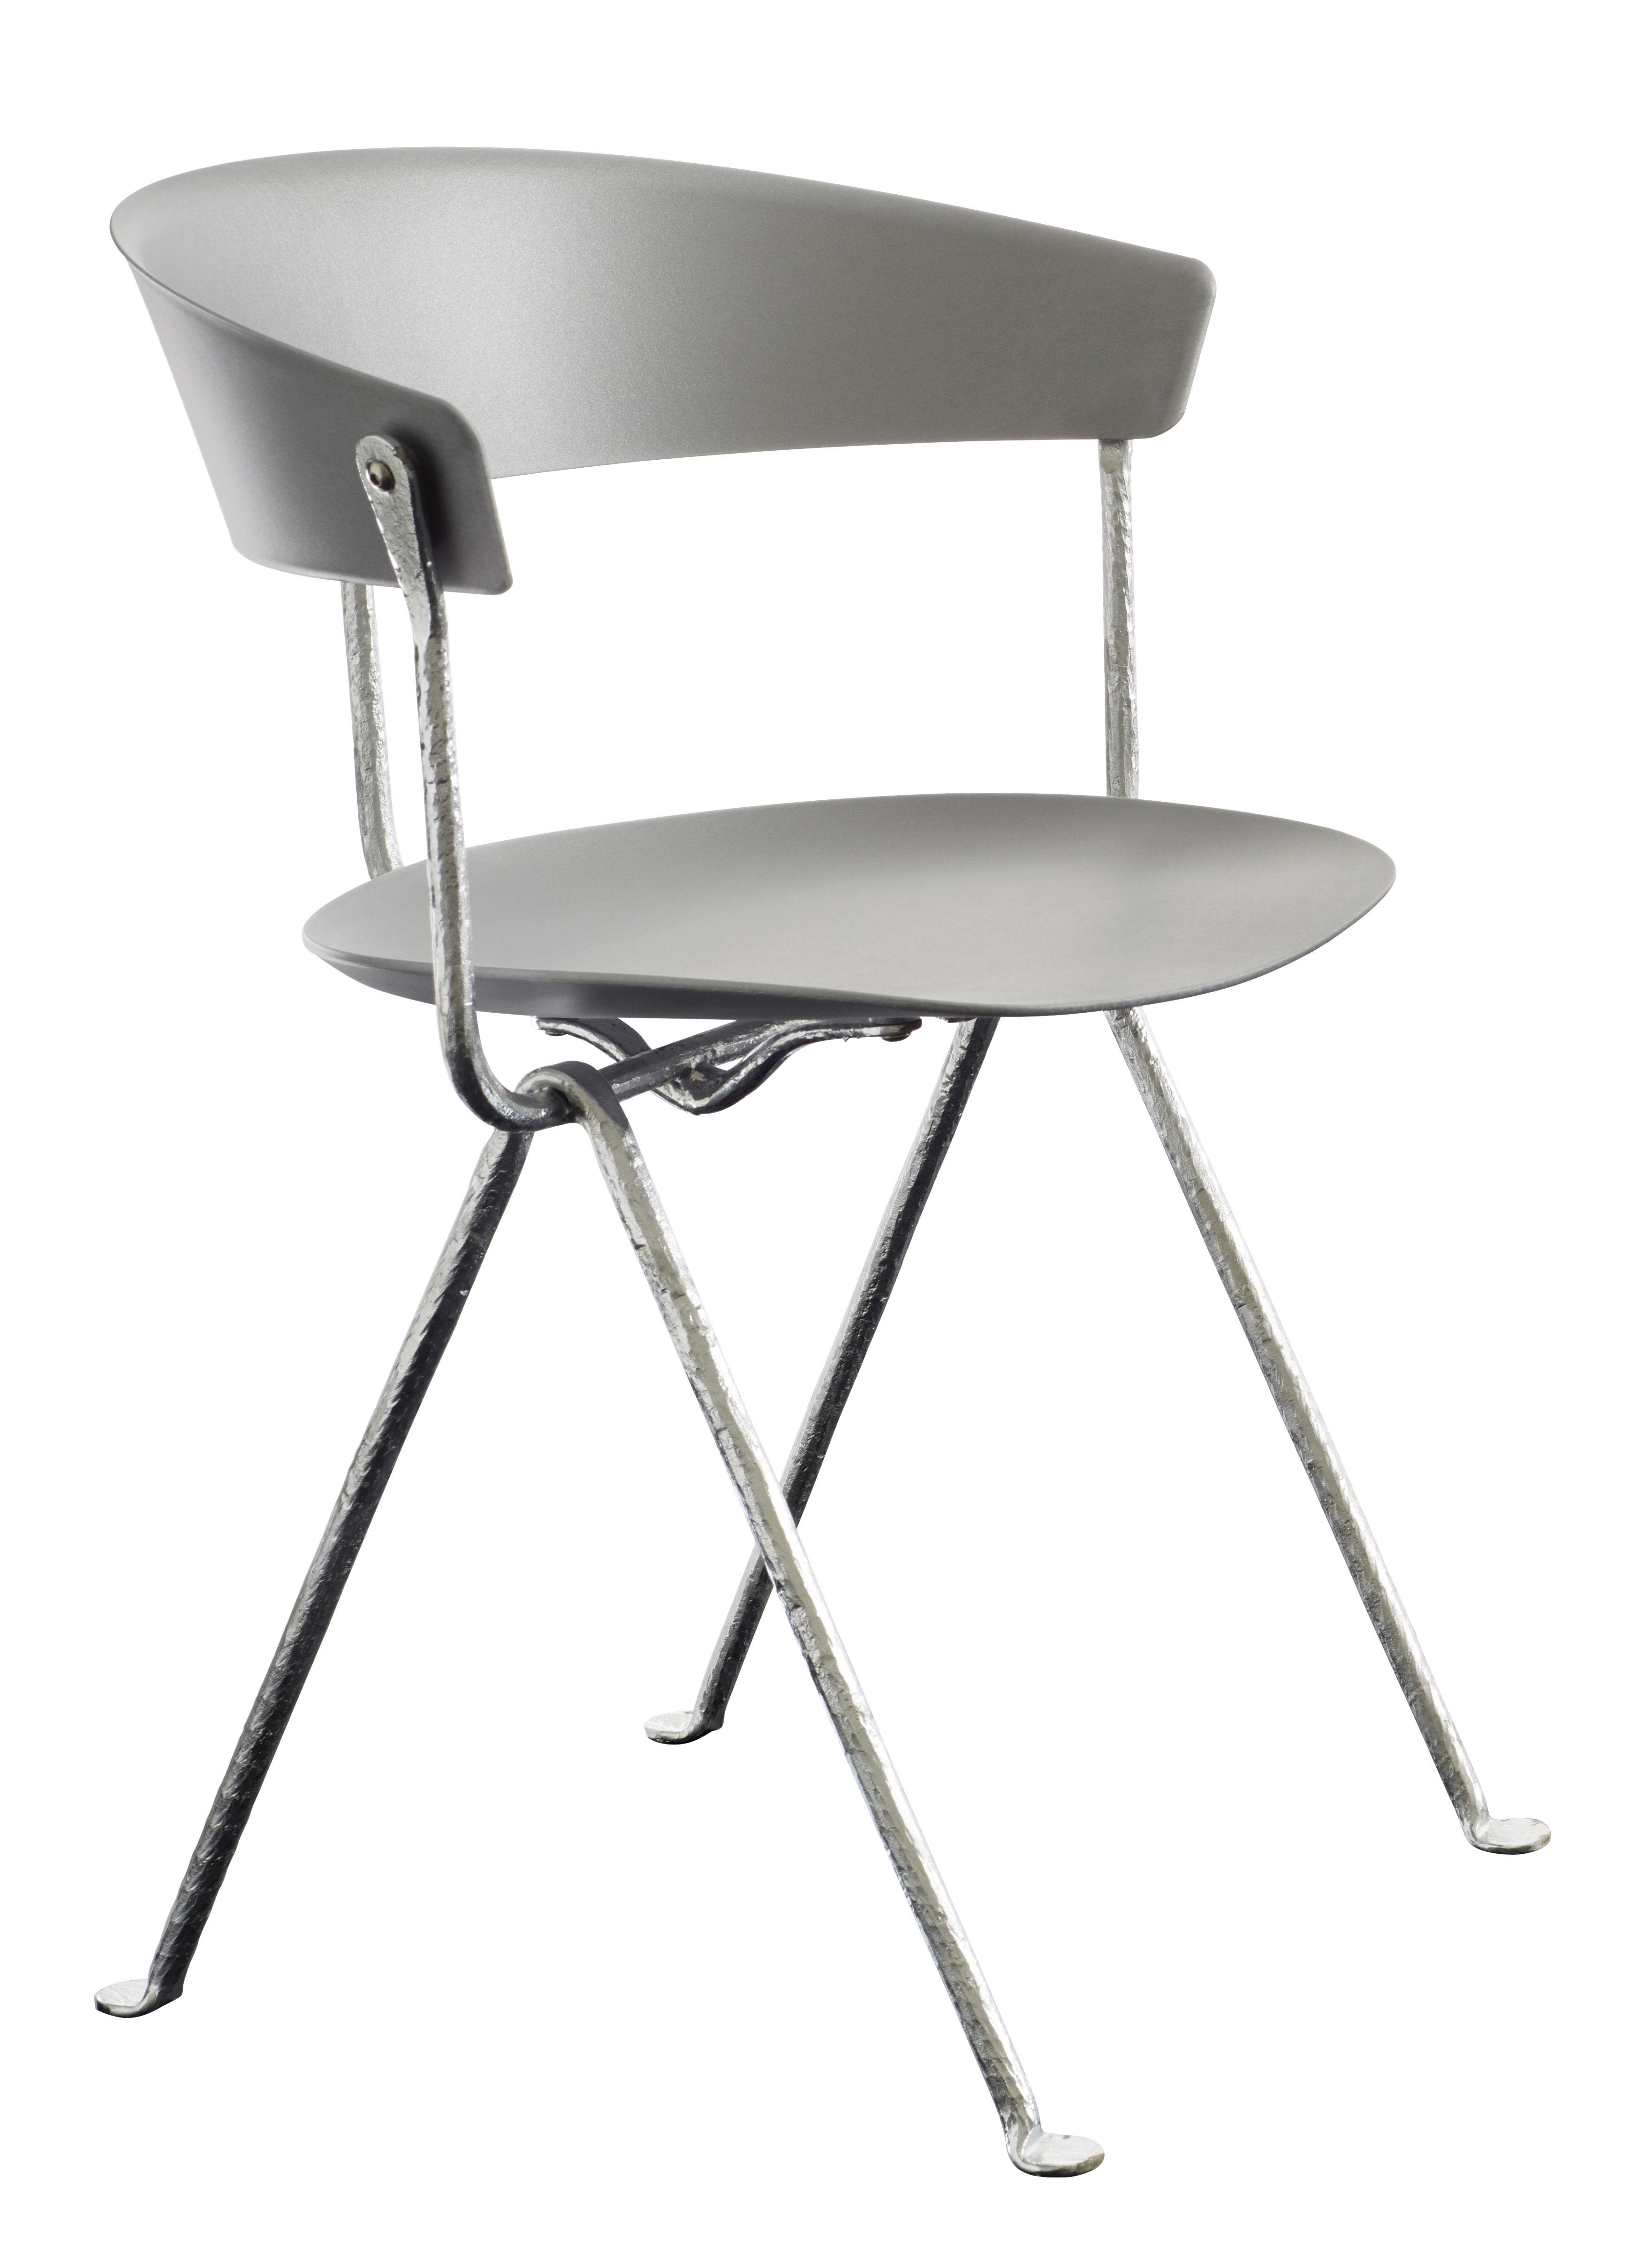 Möbel - Stühle  - Officina Sessel / Polypropylen - Magis - Metallgrau / Gestell verzinkt - Polypropylen, Schmiedearbeit